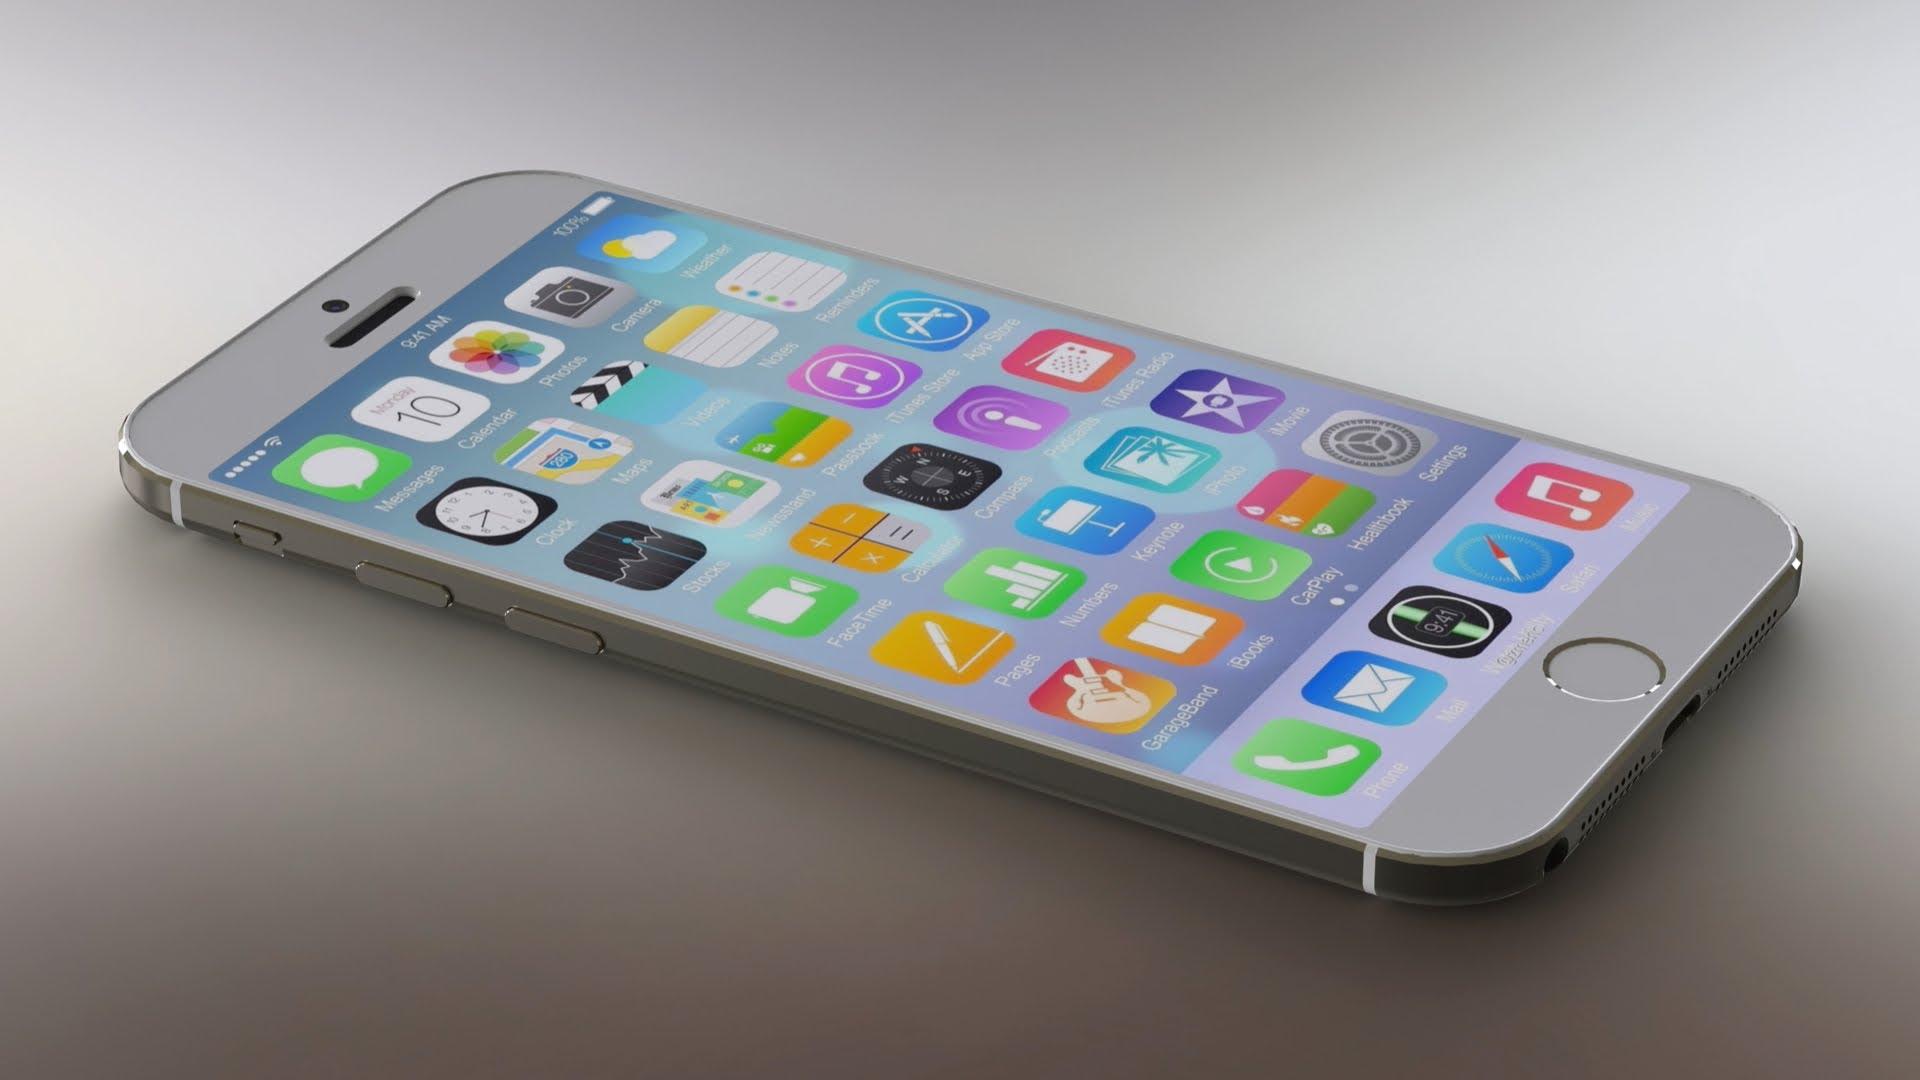 Apple uute iPhone 6 ja 6 Plus tarneprobleemid lahendatud